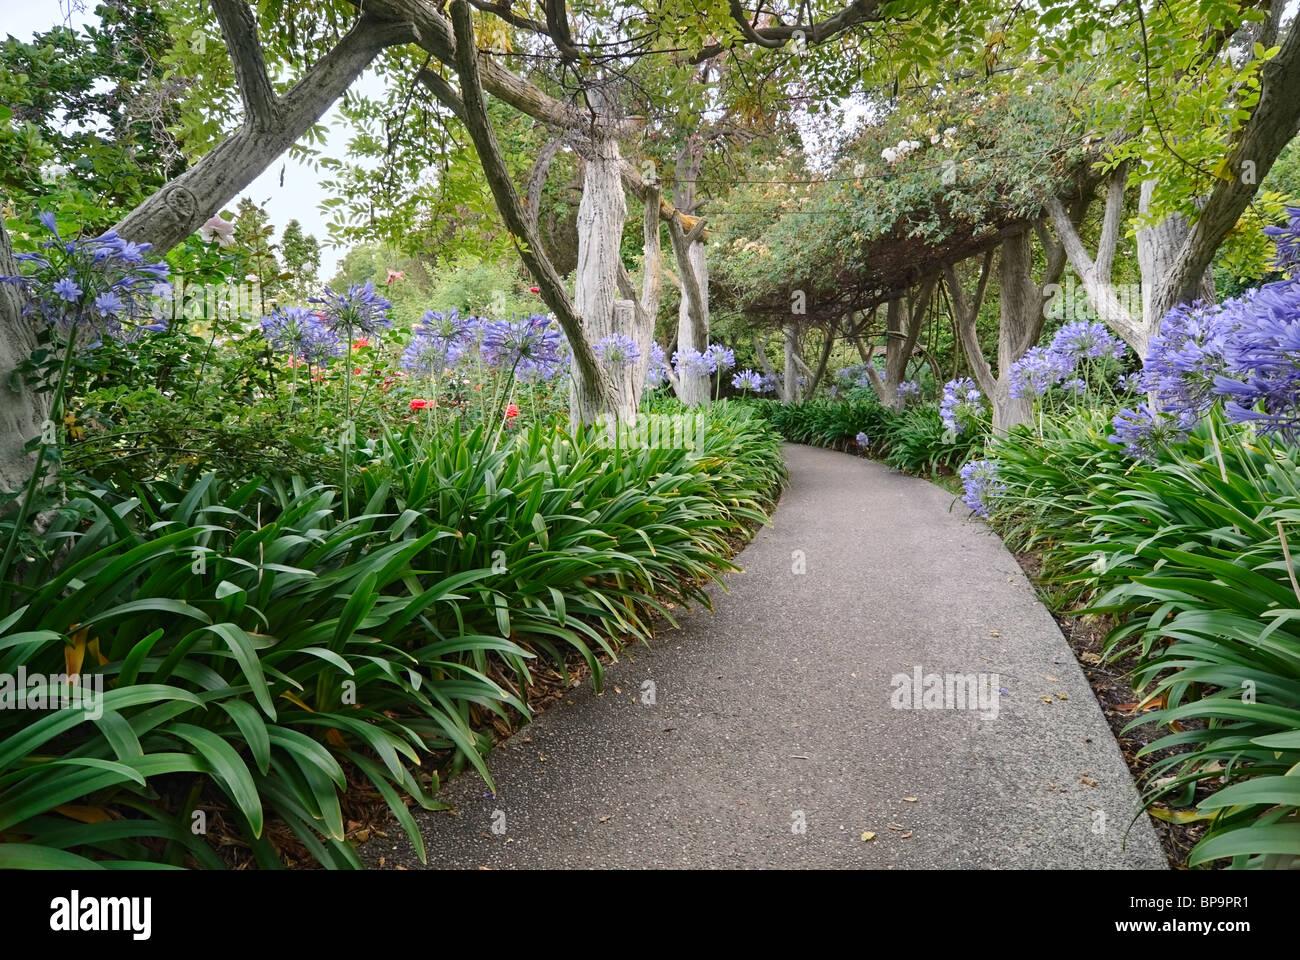 Schöner Gehweg in Richtung einen üppigen Garten. Stockbild